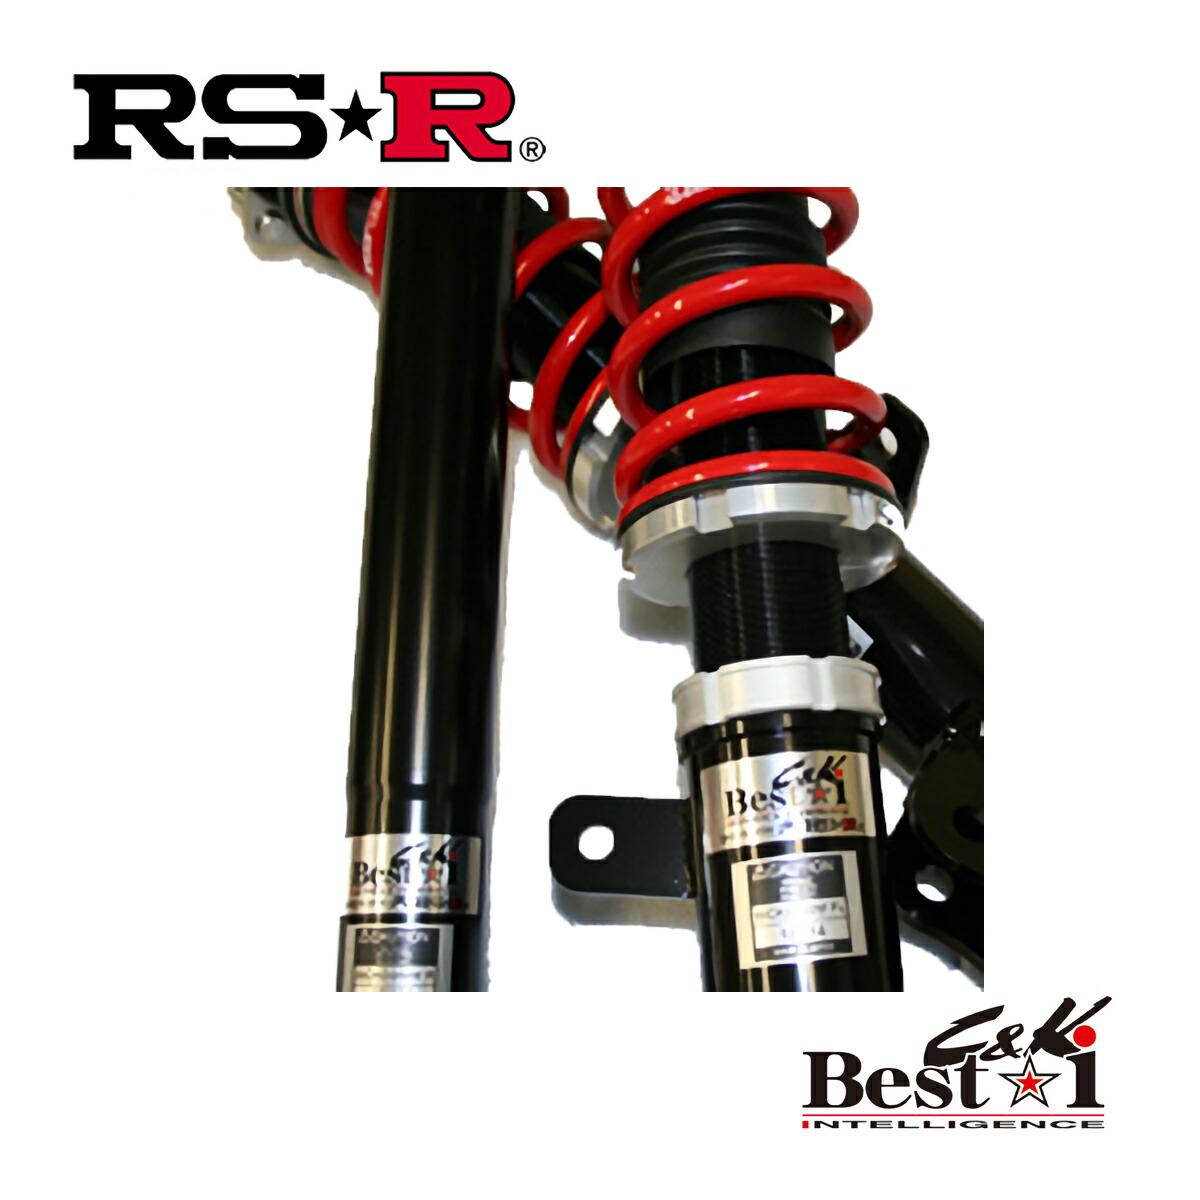 RS-R ジムニー JB64W XC 車高調 リア車高調整:ネジ式 BICKS660M ベストi C&K RSR 個人宅発送追金有